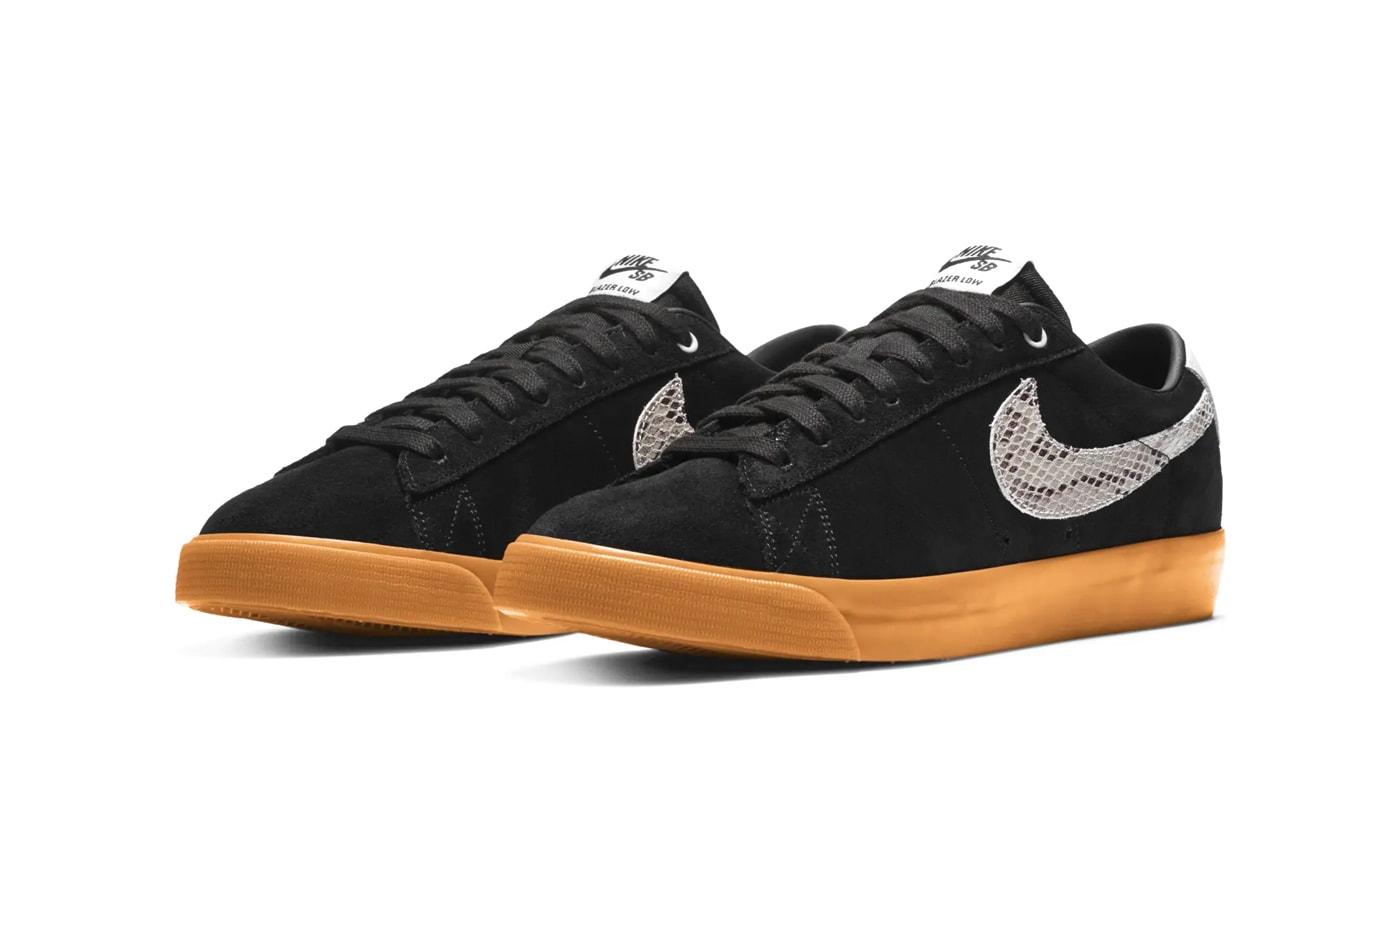 ワコマリアxナイキSBの初コラボからジャノスキーとブレーザー ローの2モデルがリリース WACKO MARIA Nike SB first collab Janoski Blazer Low release info